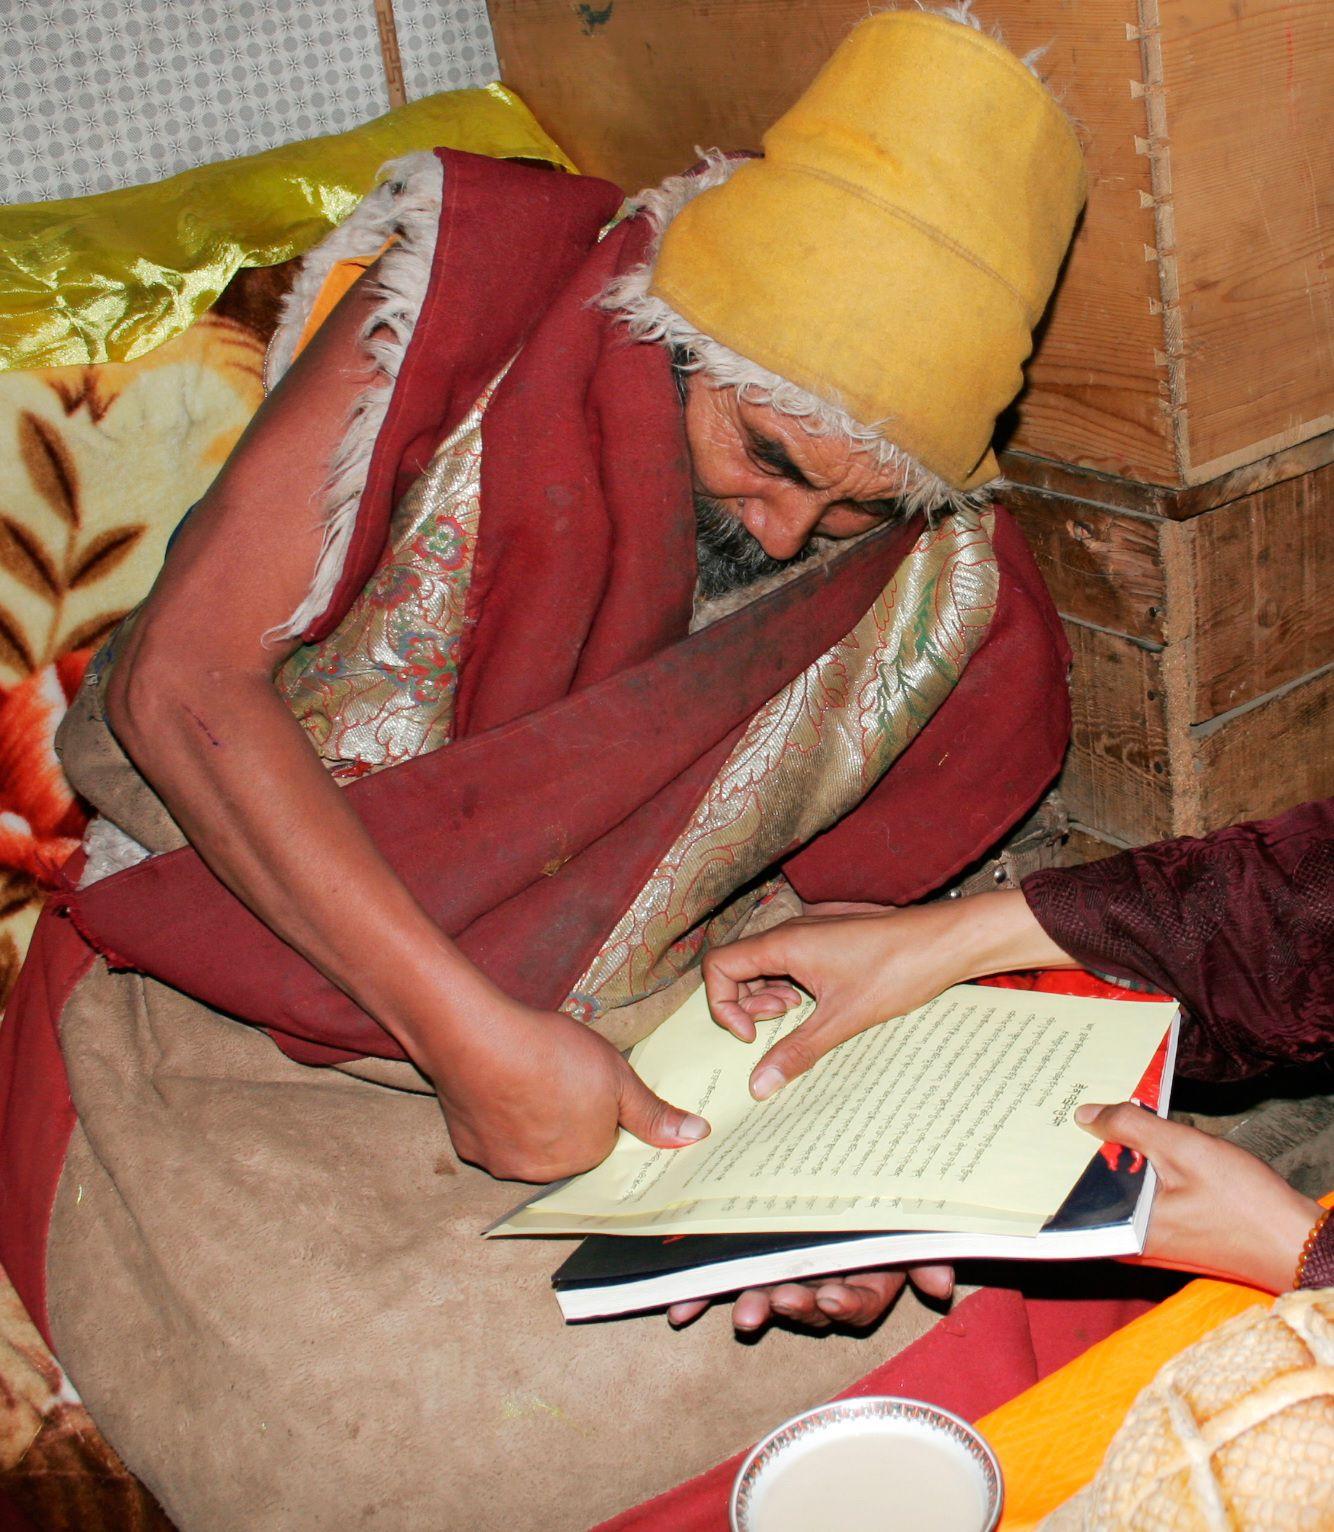 果洛大成就者、瑜伽自在大士:格魯巴夏珠秋楊法王敬賀第三世多杰羌佛